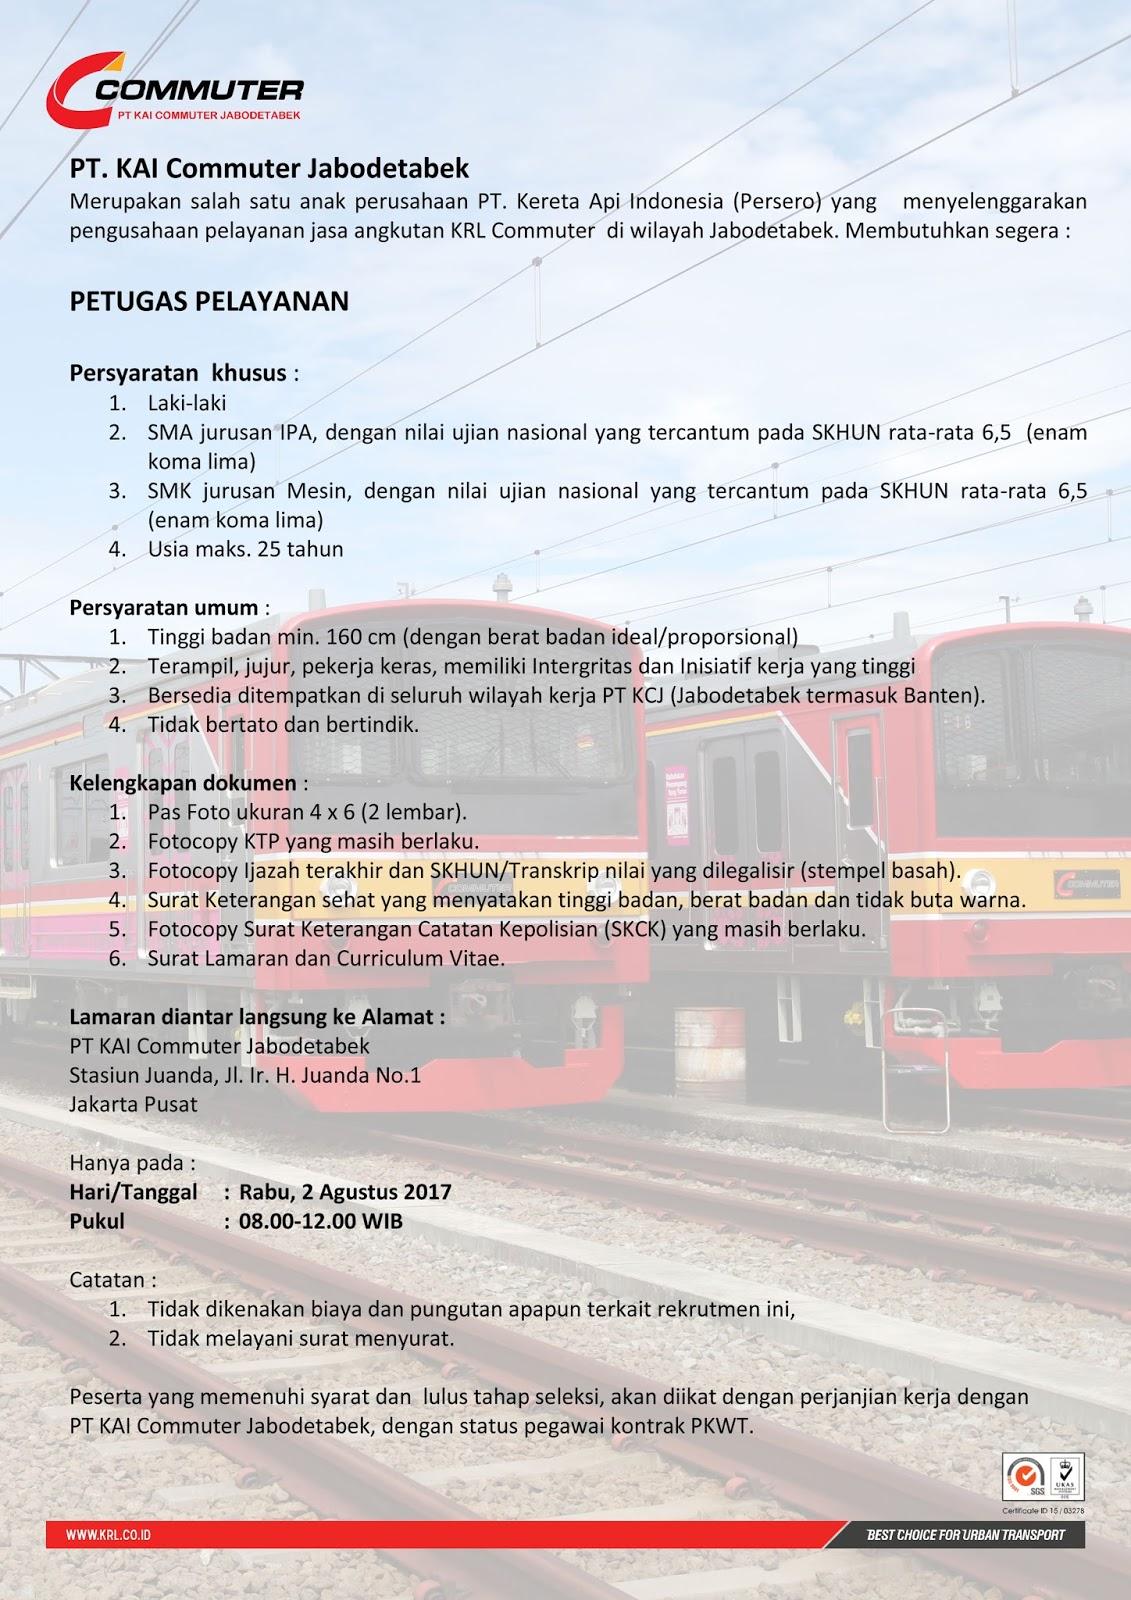 Lowongan Kerja PT KAI Commuter Jabodetabek Pendidikan Minimal SMA